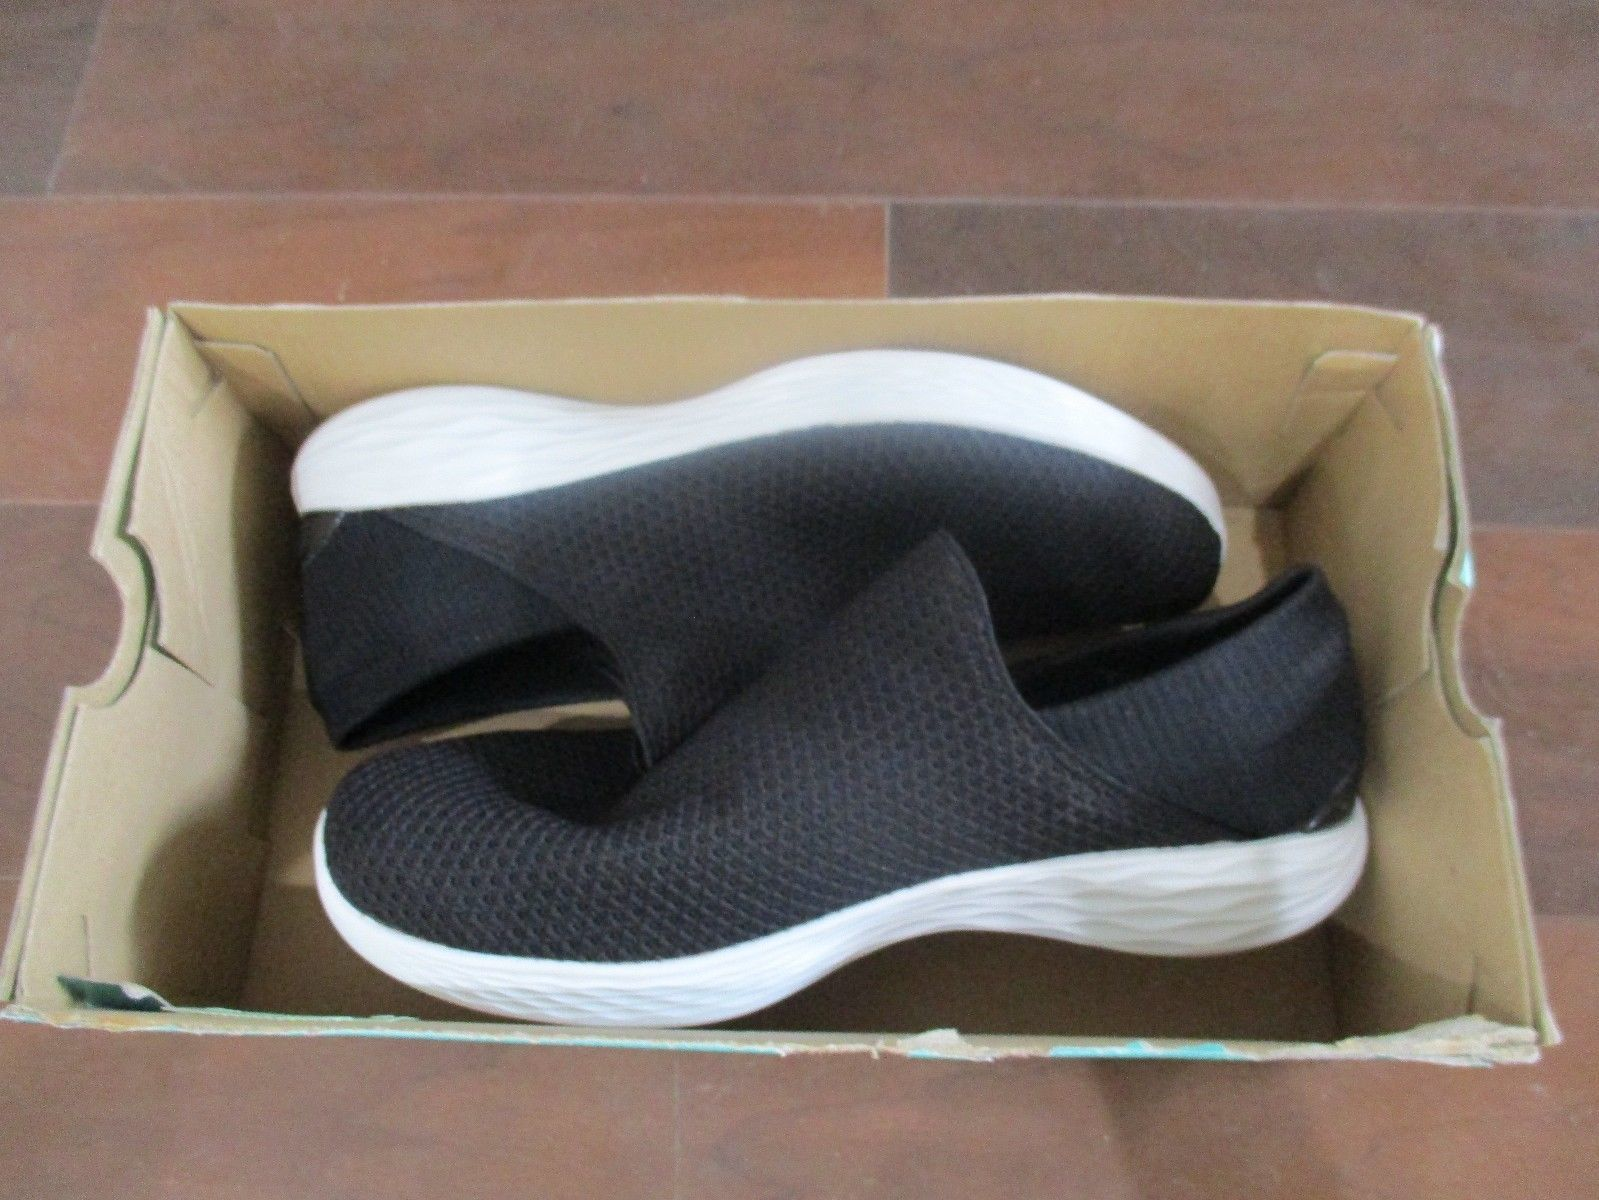 Bnib Shoe Accessories Skechers Stretch Weave Open Toe Mary